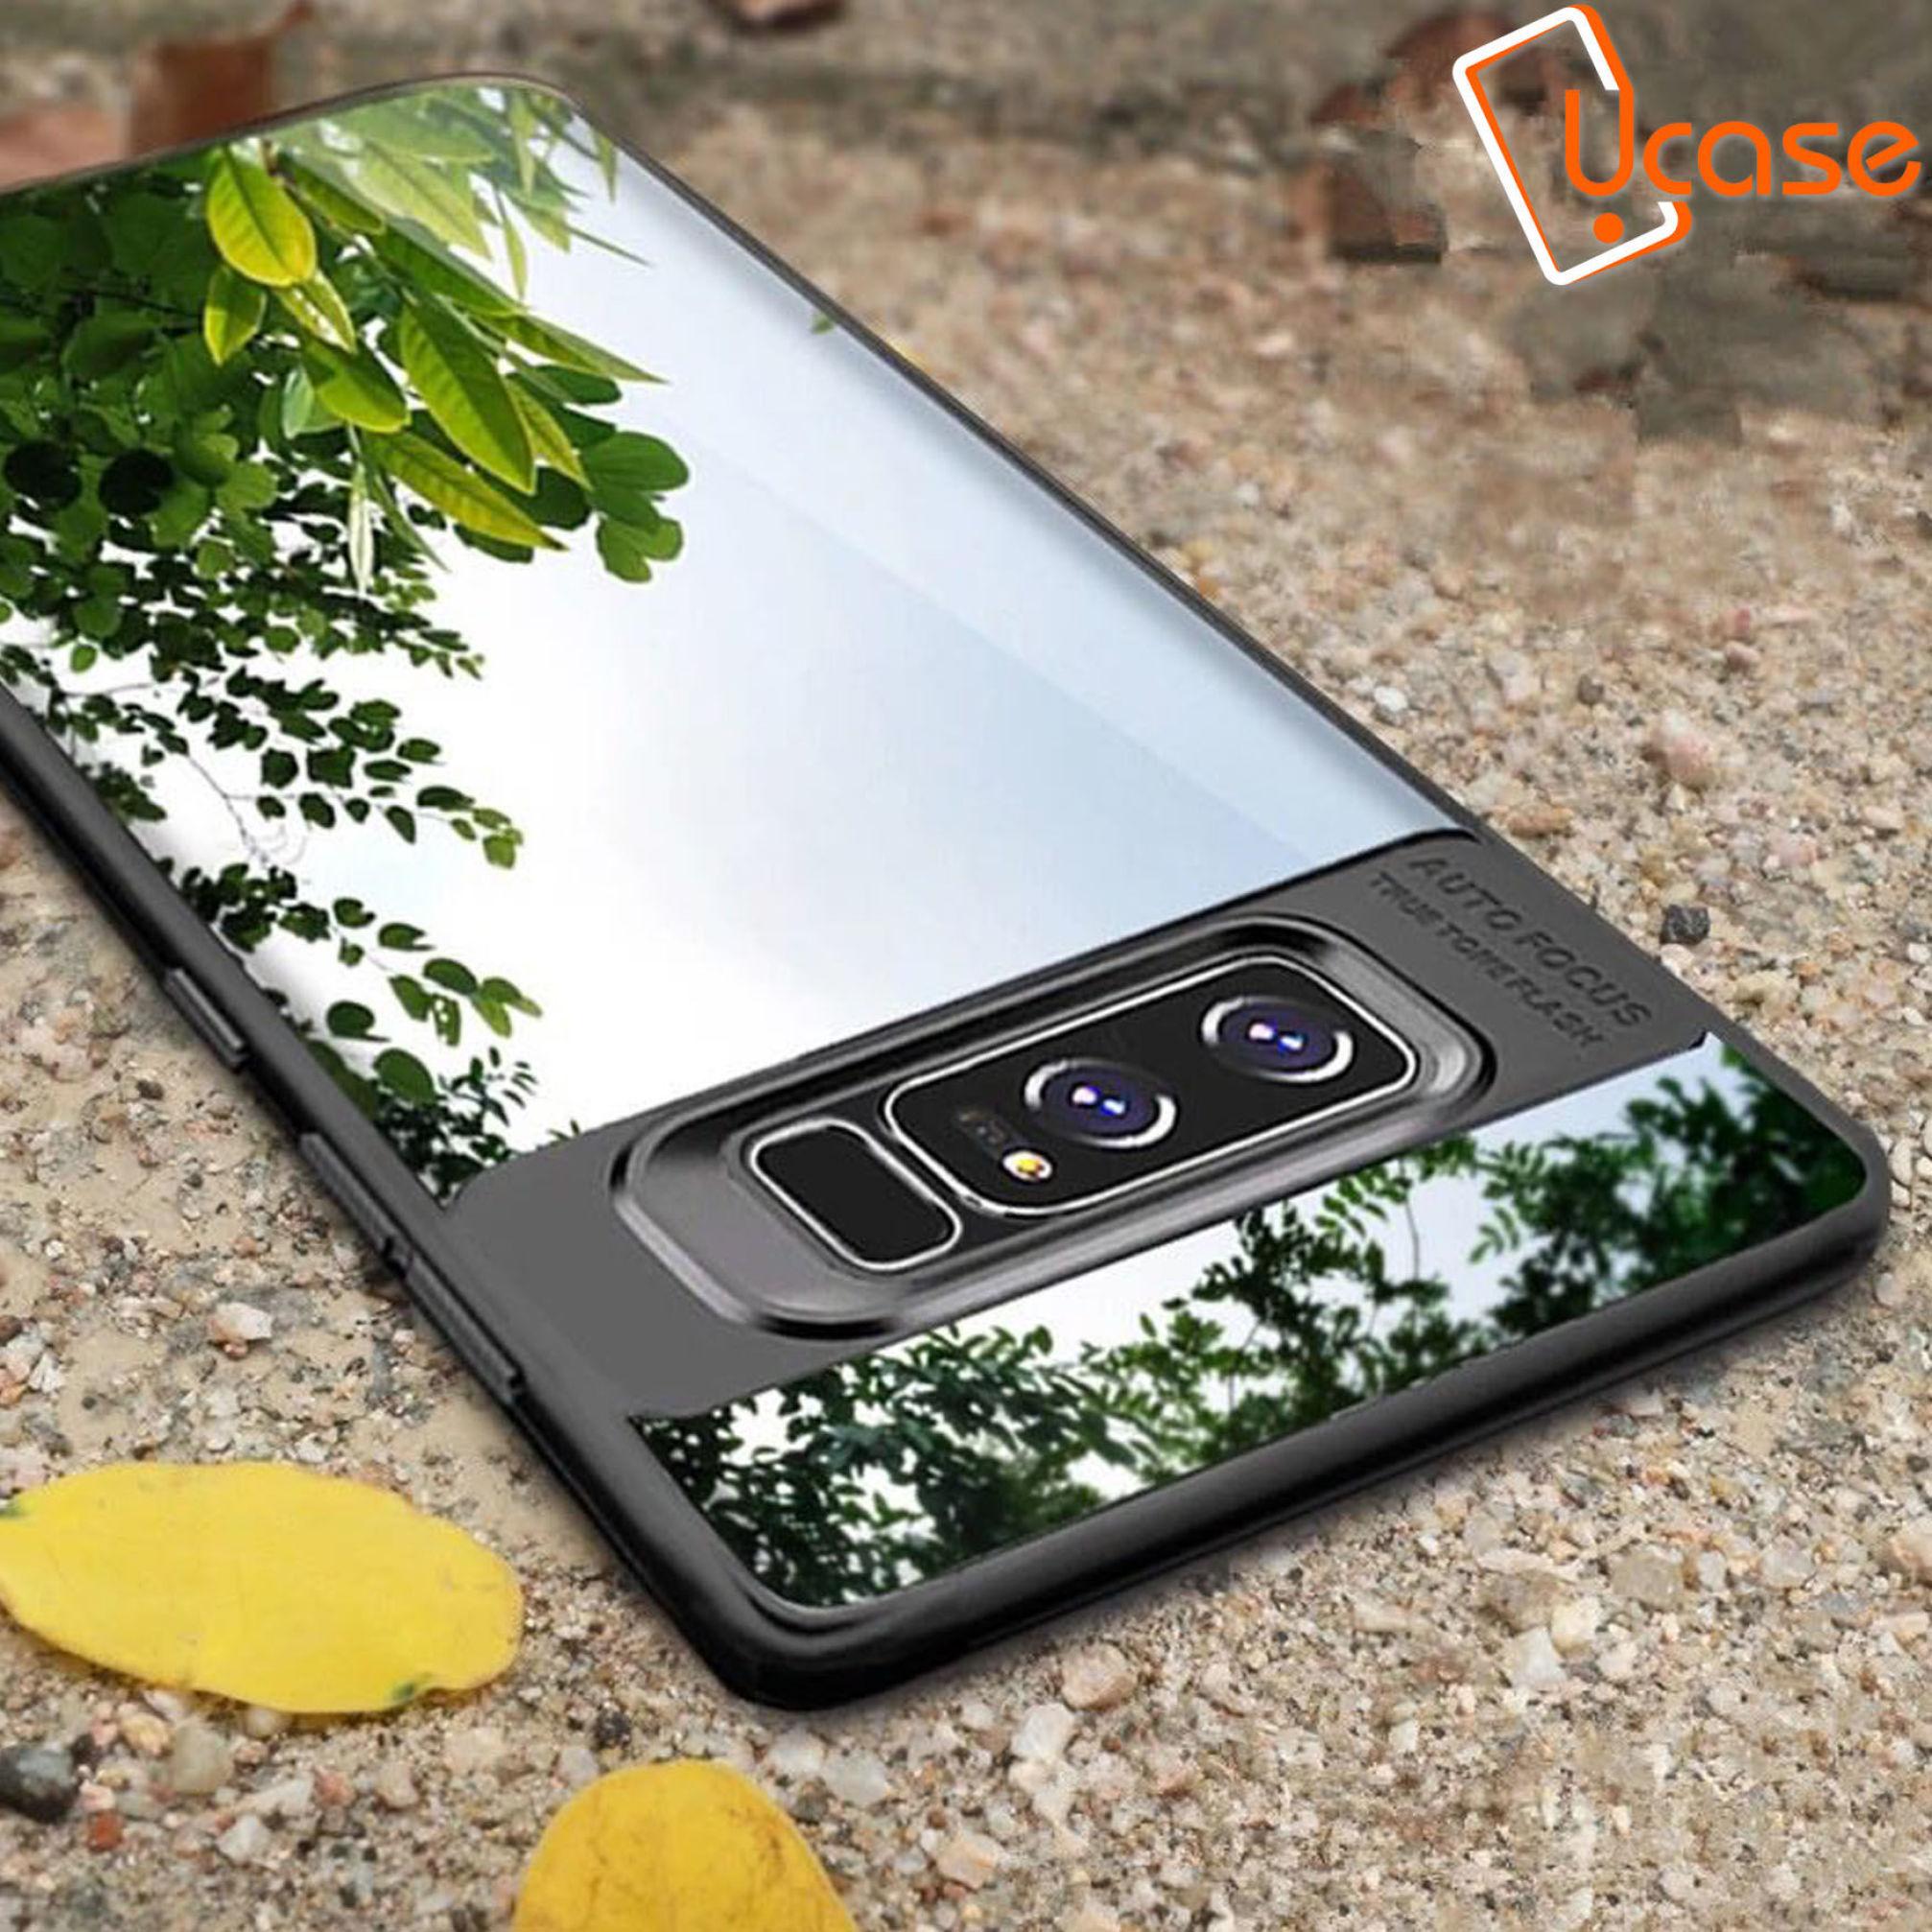 قاب joyroom سامسونگ، قاب S8، قاب S8 Plus،قاب S9، قاب S9 Plus، قاب Note 8، قاب های خاص سامسونگ